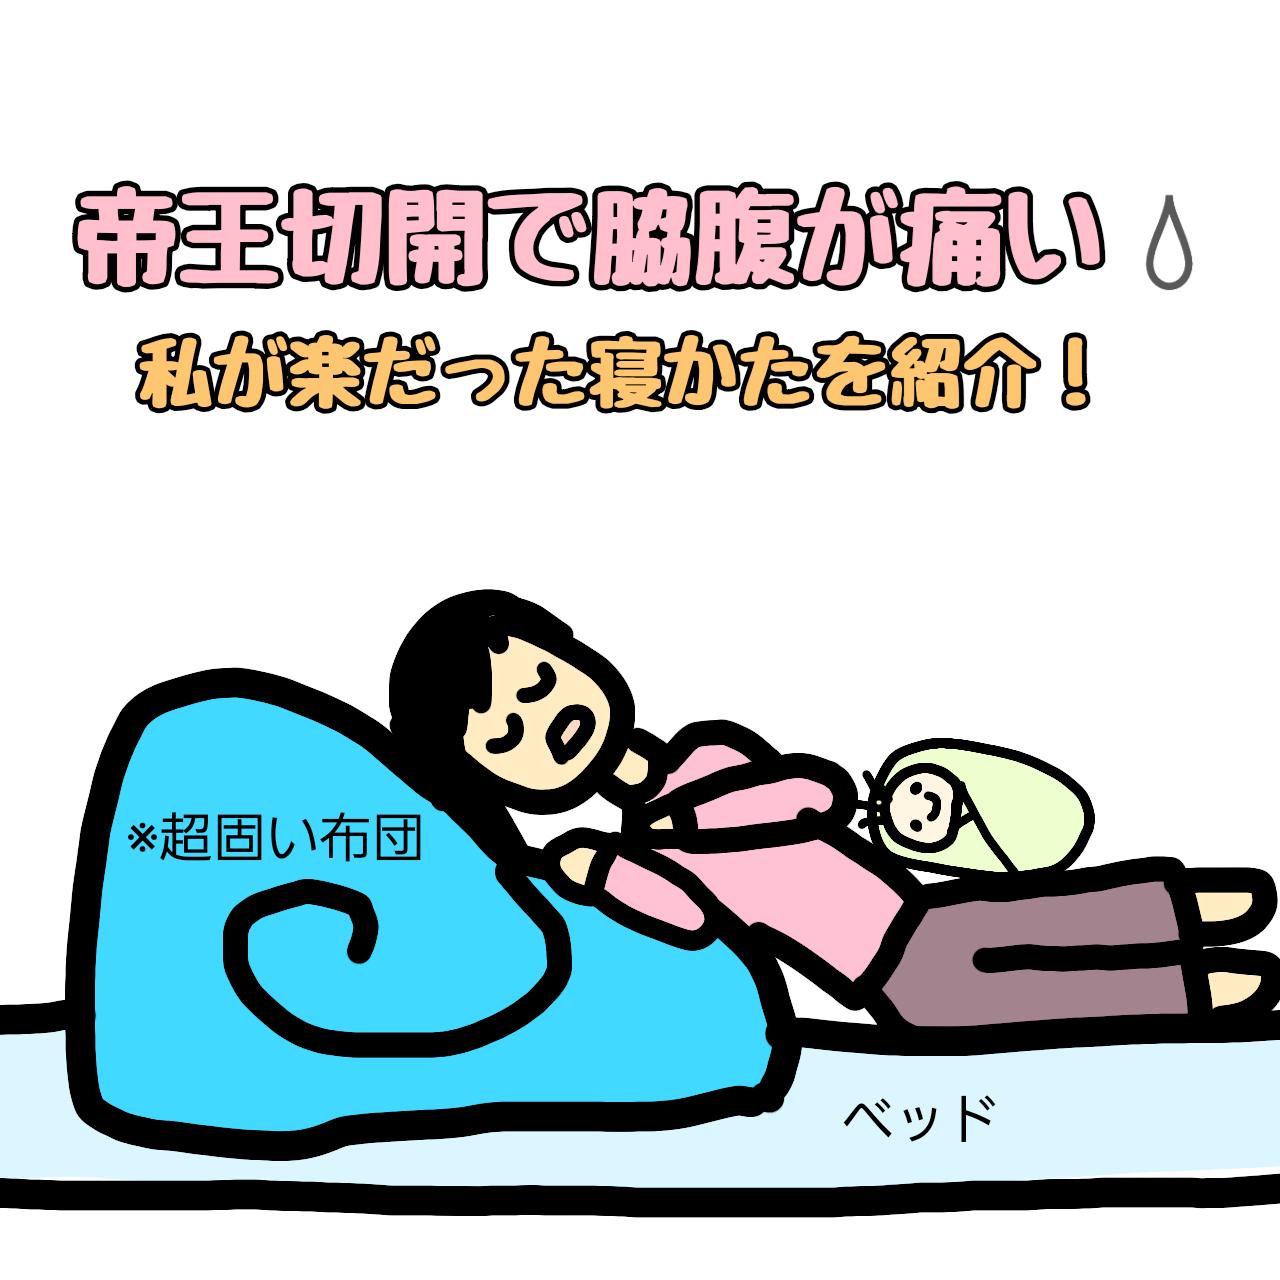 帝王切開で脇腹が痛い!1人でベッドでの起き方と対策